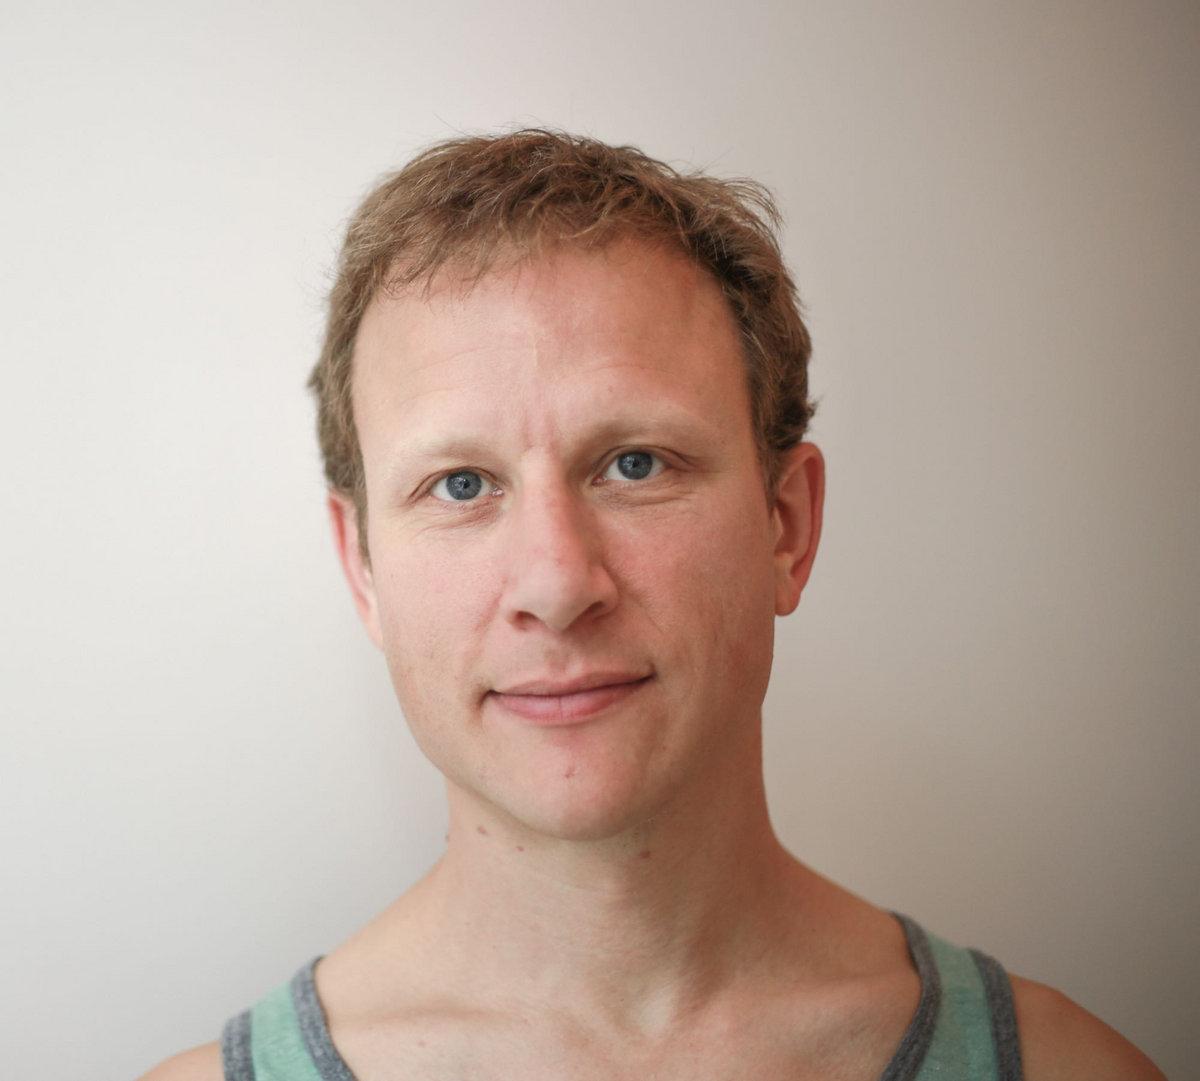 Hatha Yoga For Beginners With David Procyshyn